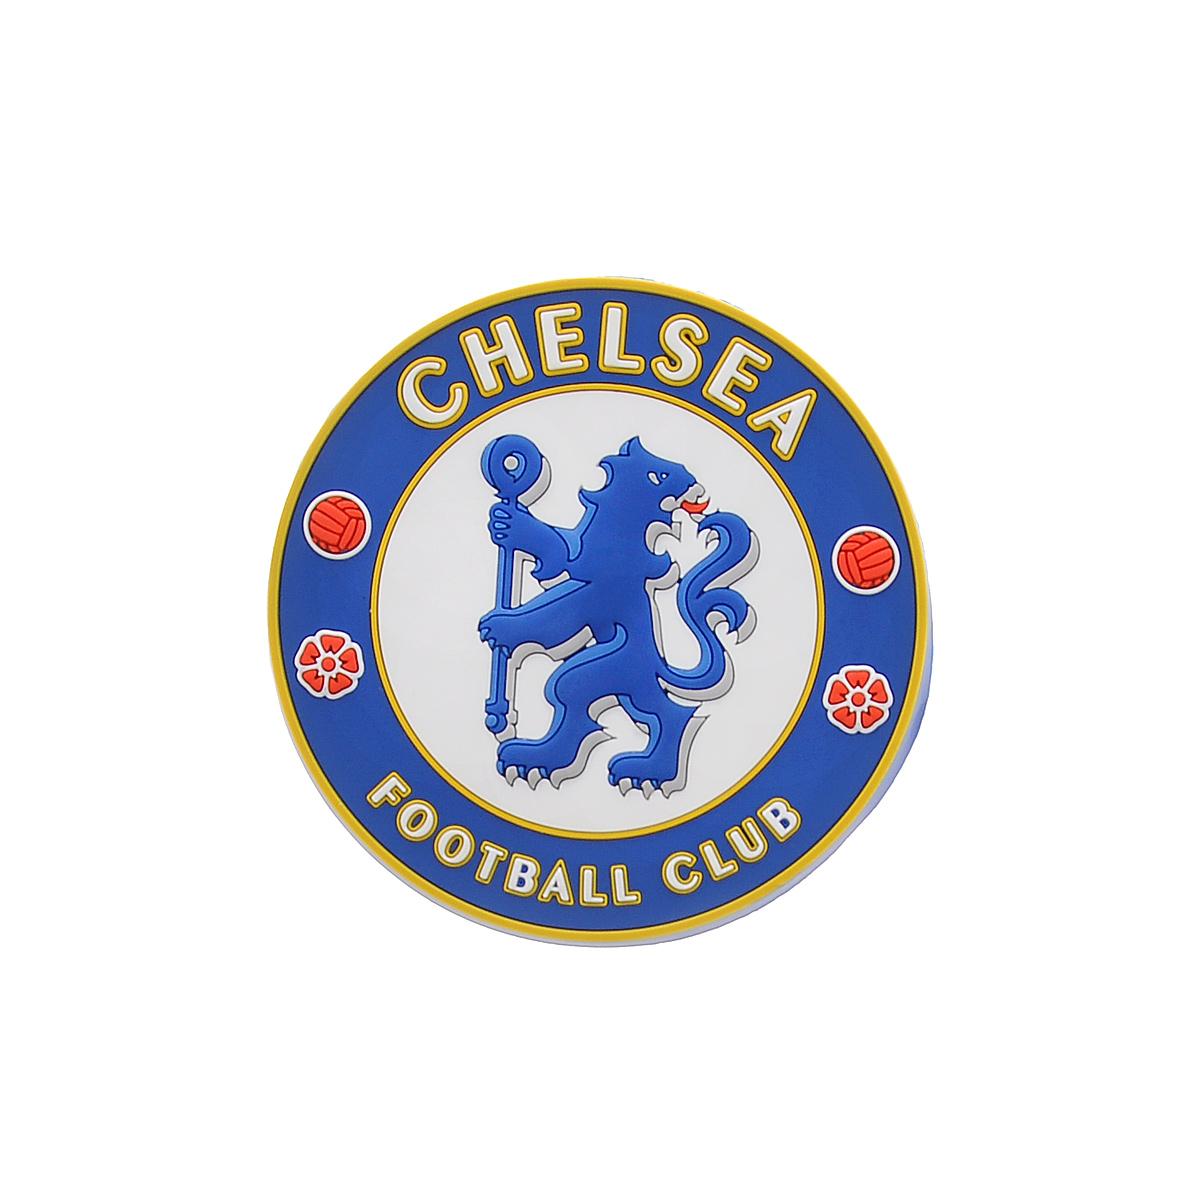 """Магнит """"Chelsea"""", цвет: синий, белый, красный, диаметр 7,7 см. 08300"""